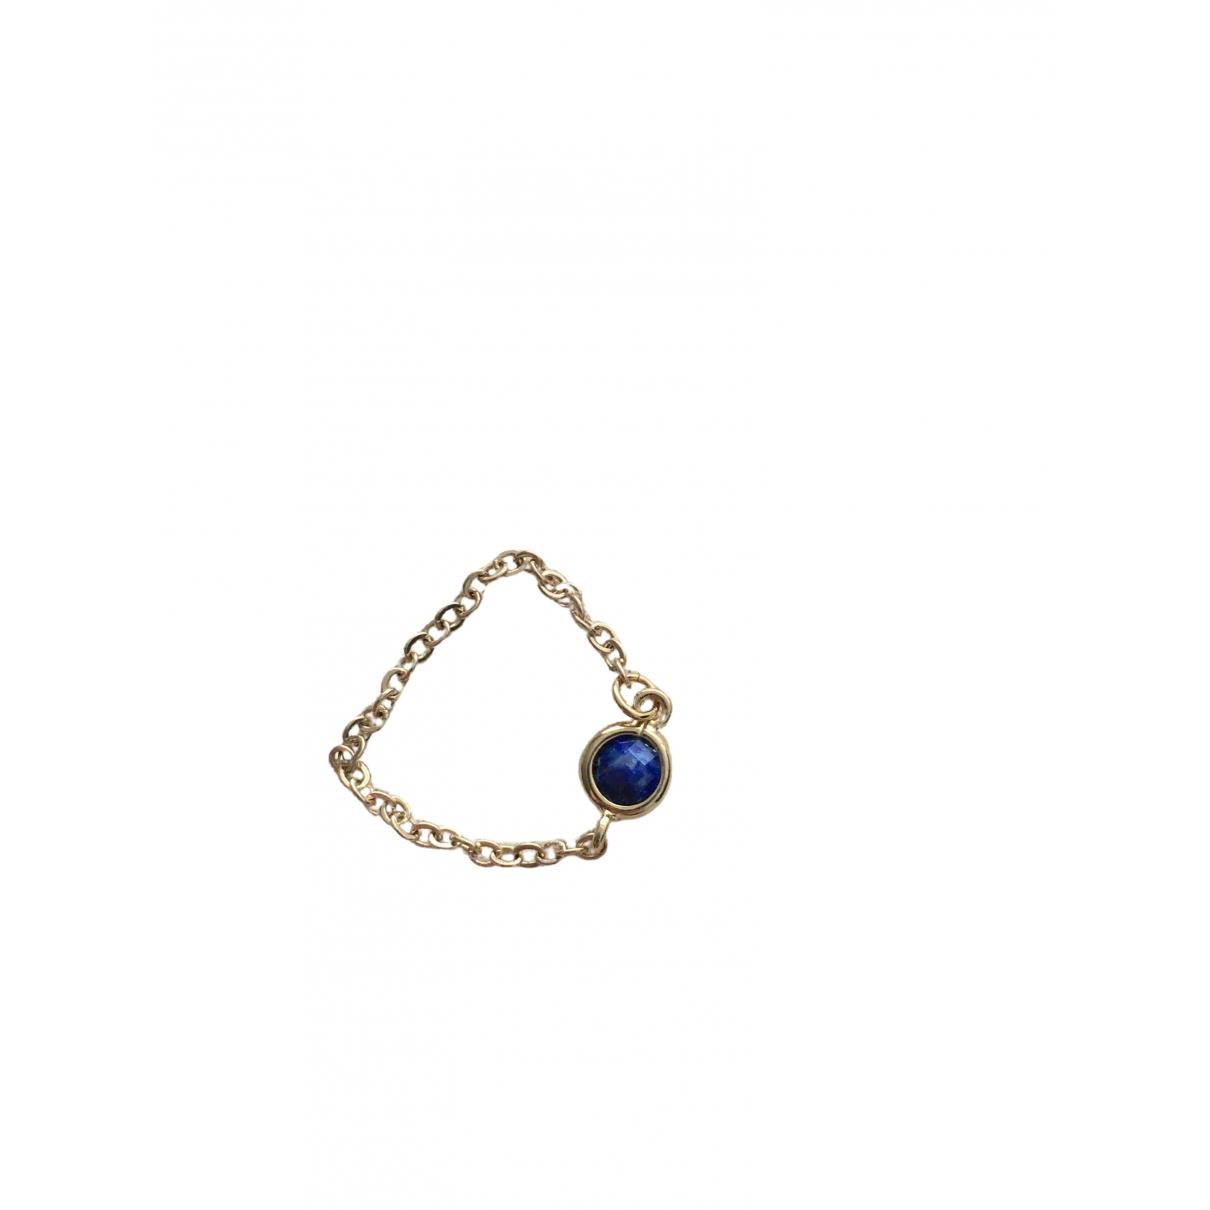 - Bague Lapis lazuli pour femme en plaque or - dore